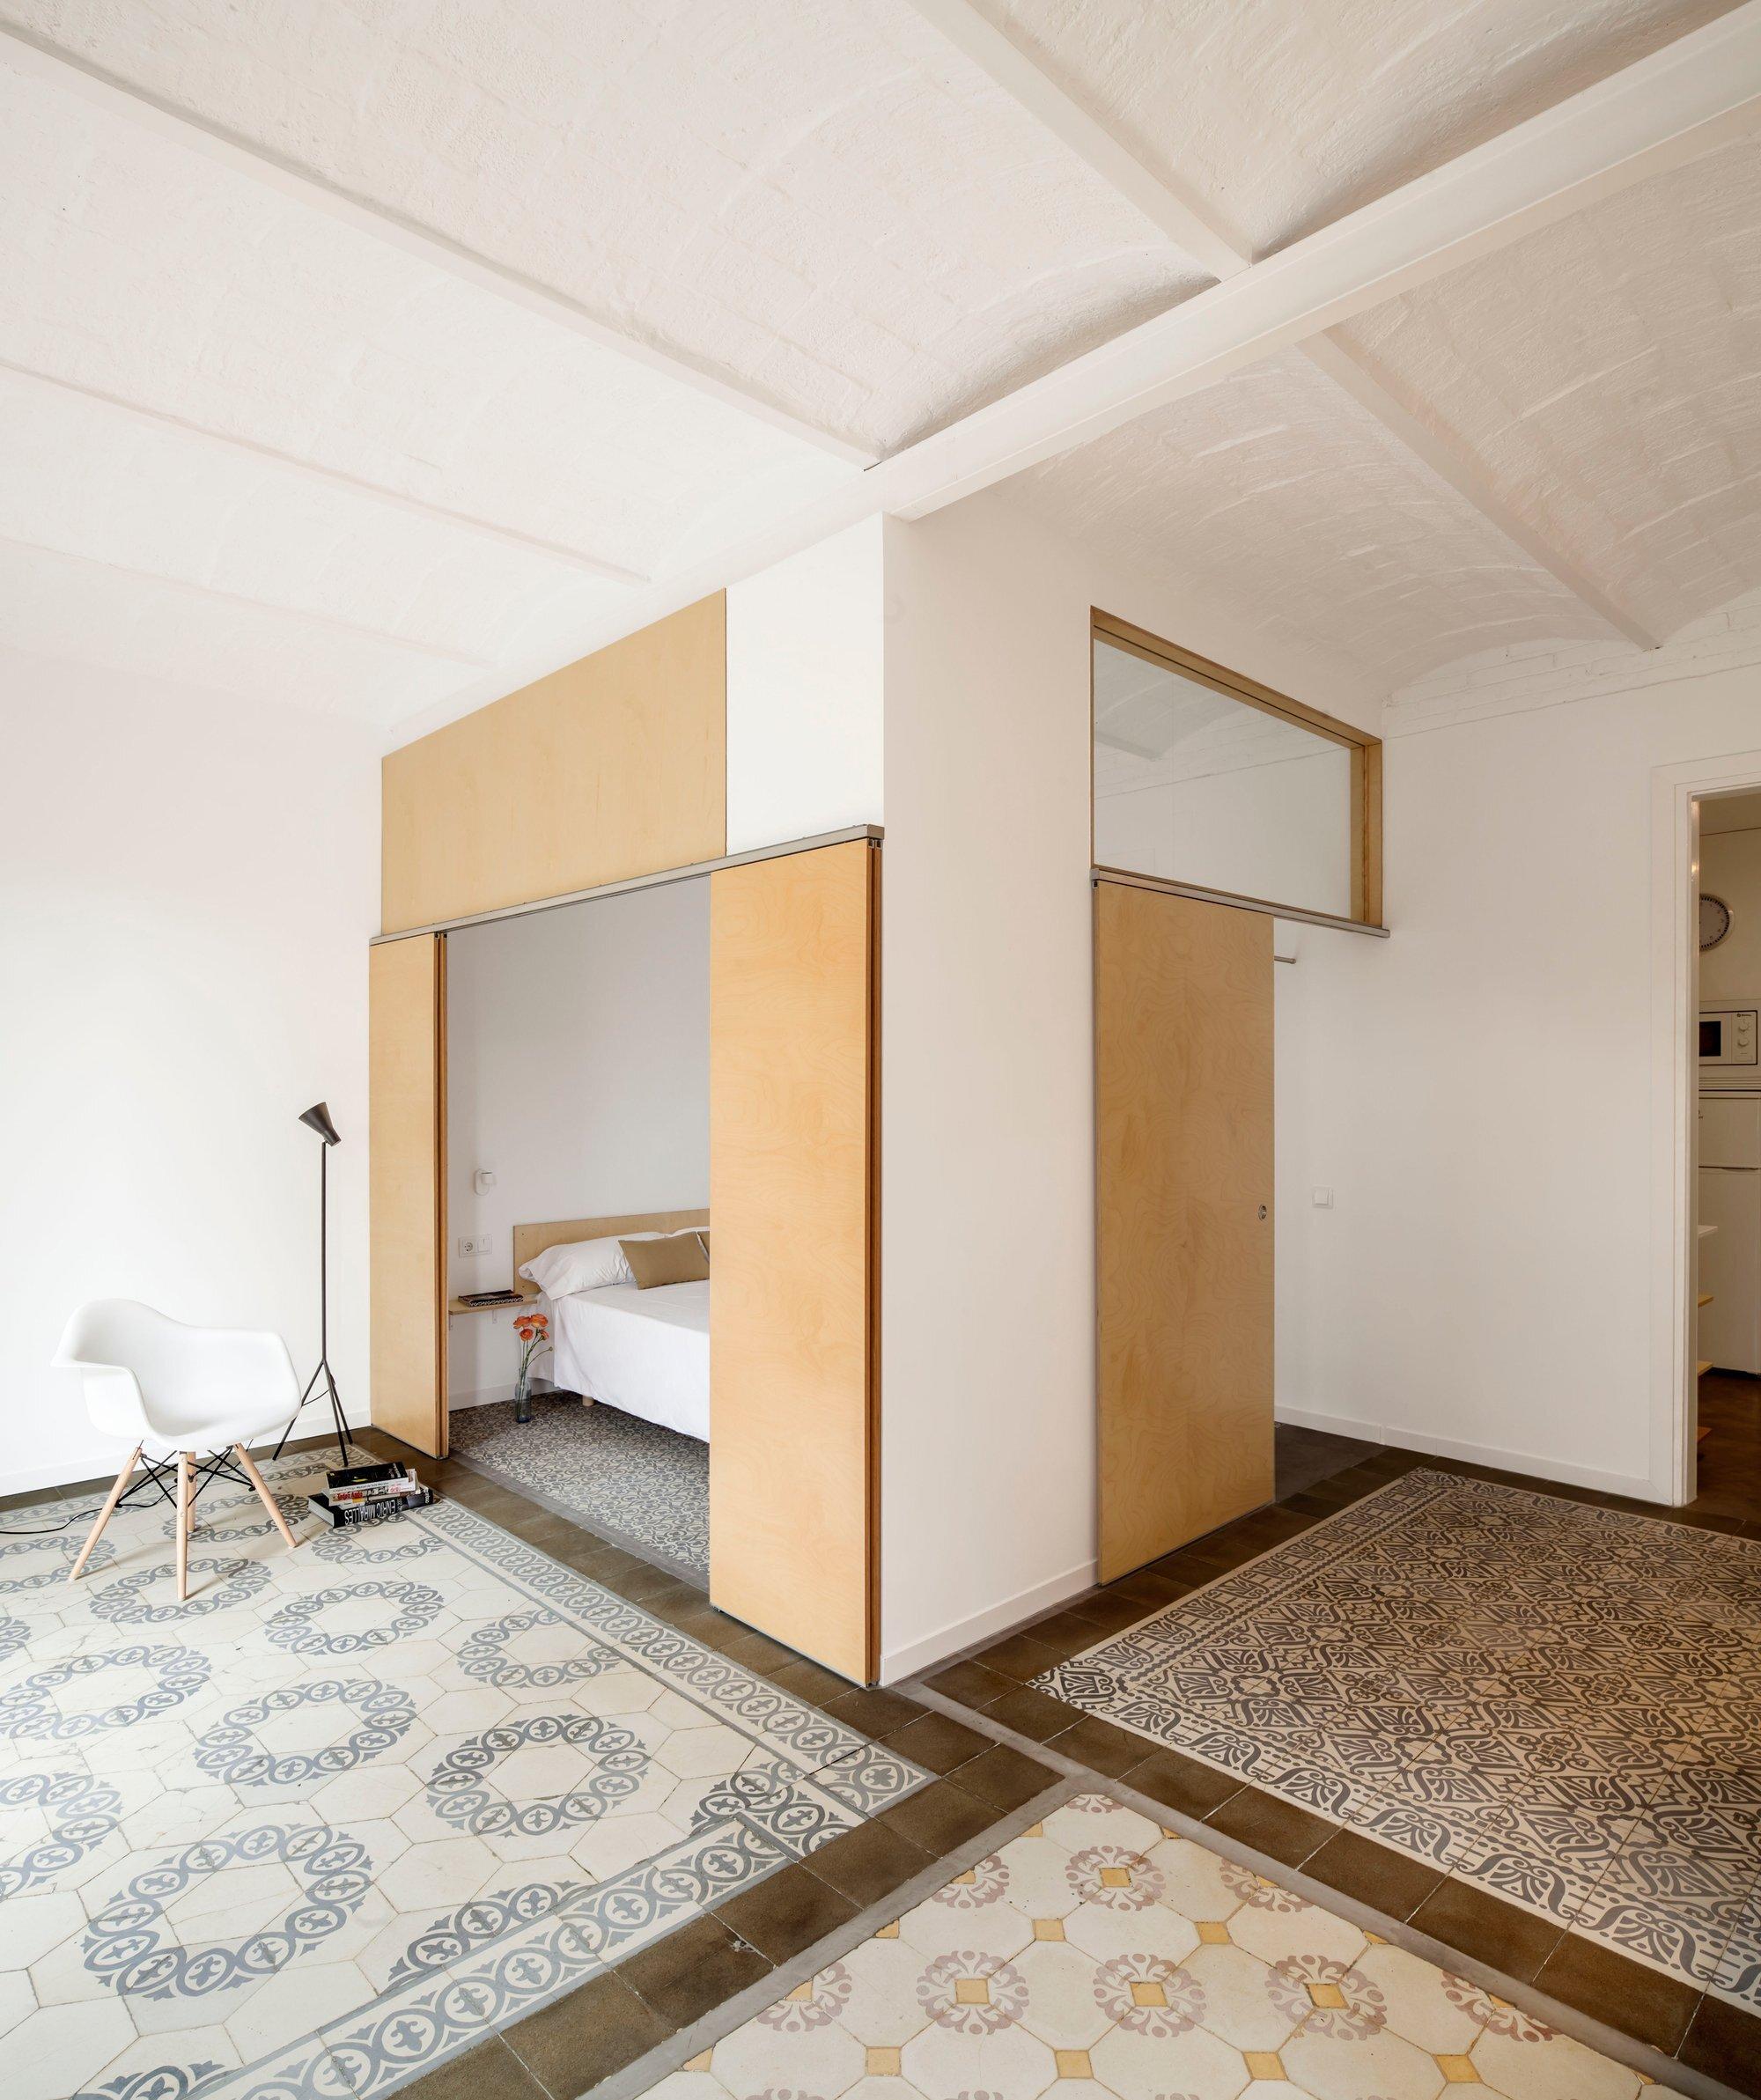 Eixample Apartment Renovation - Barcelona - Bedroom Nook - Humble Homes